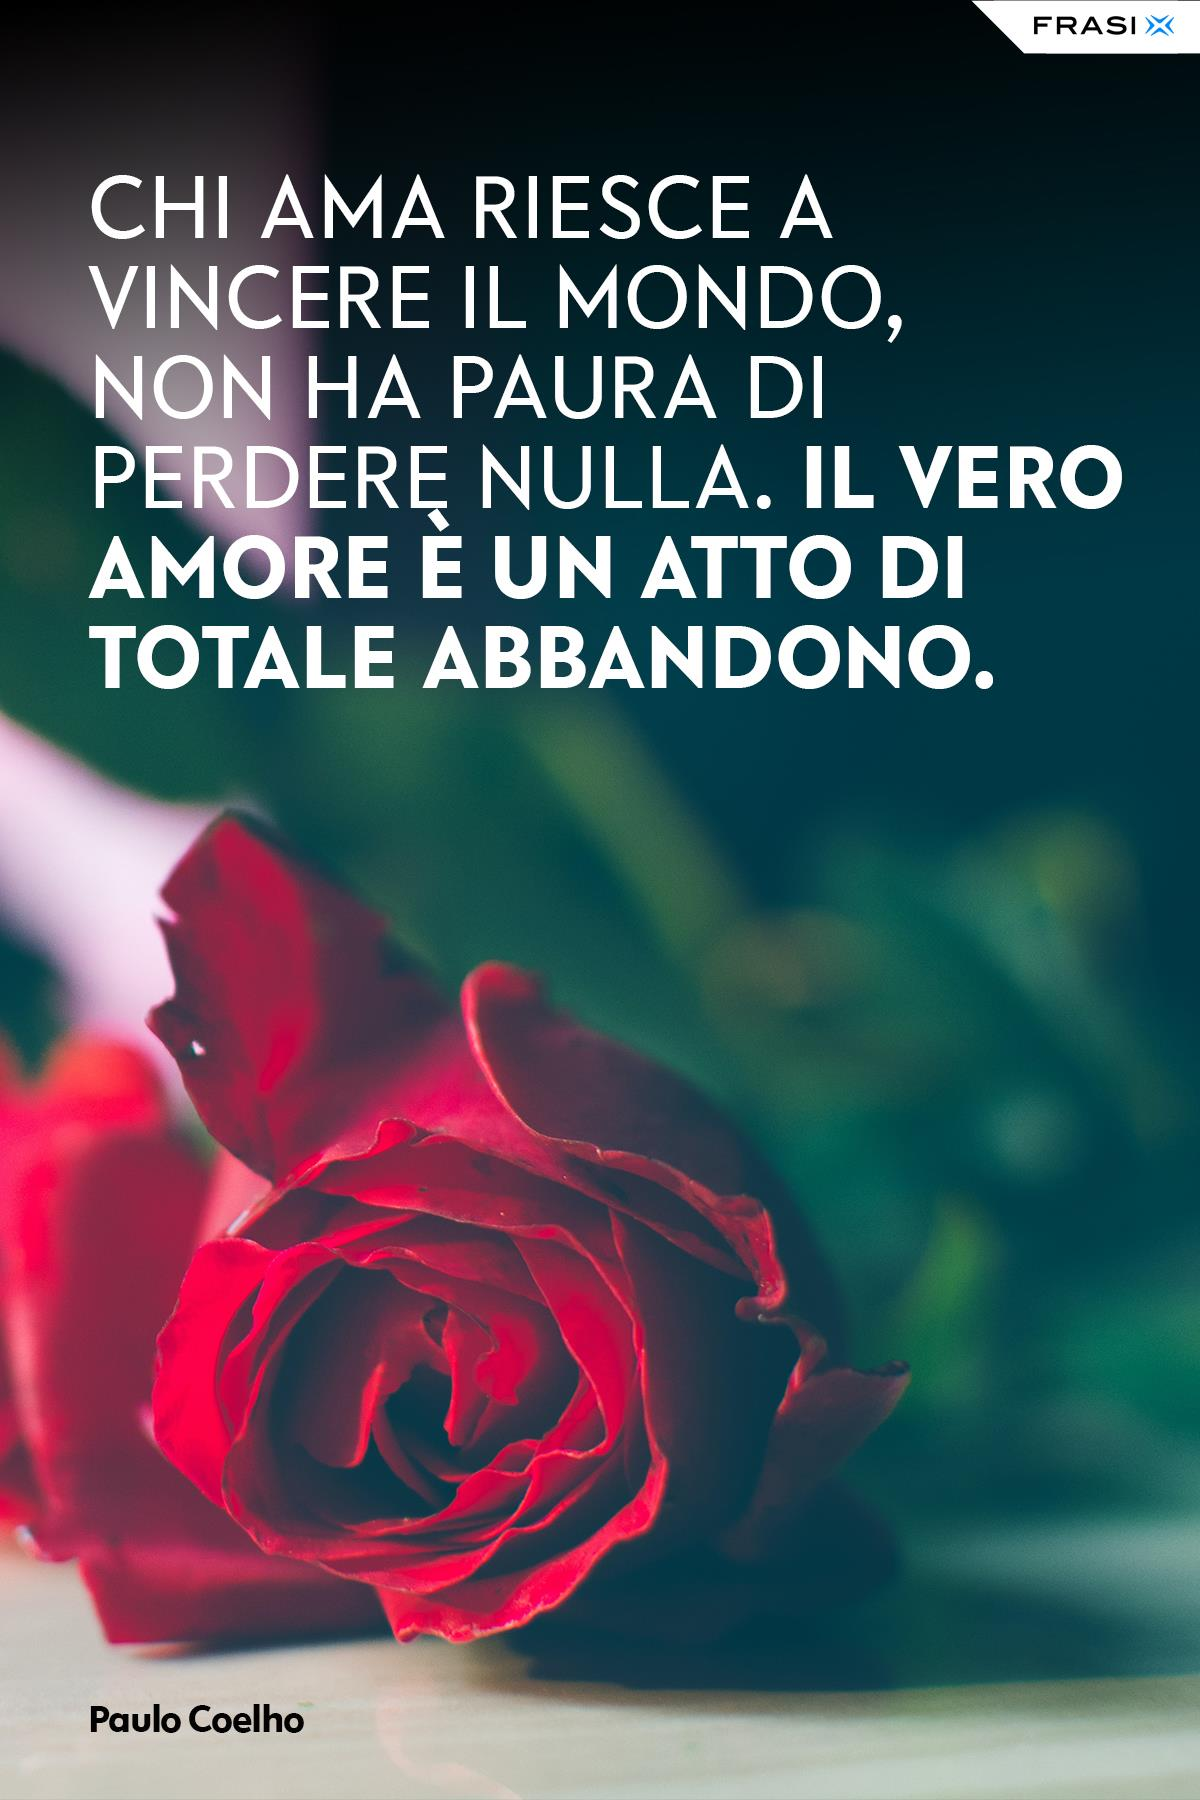 Aforismi d'amore Paulo Coelho